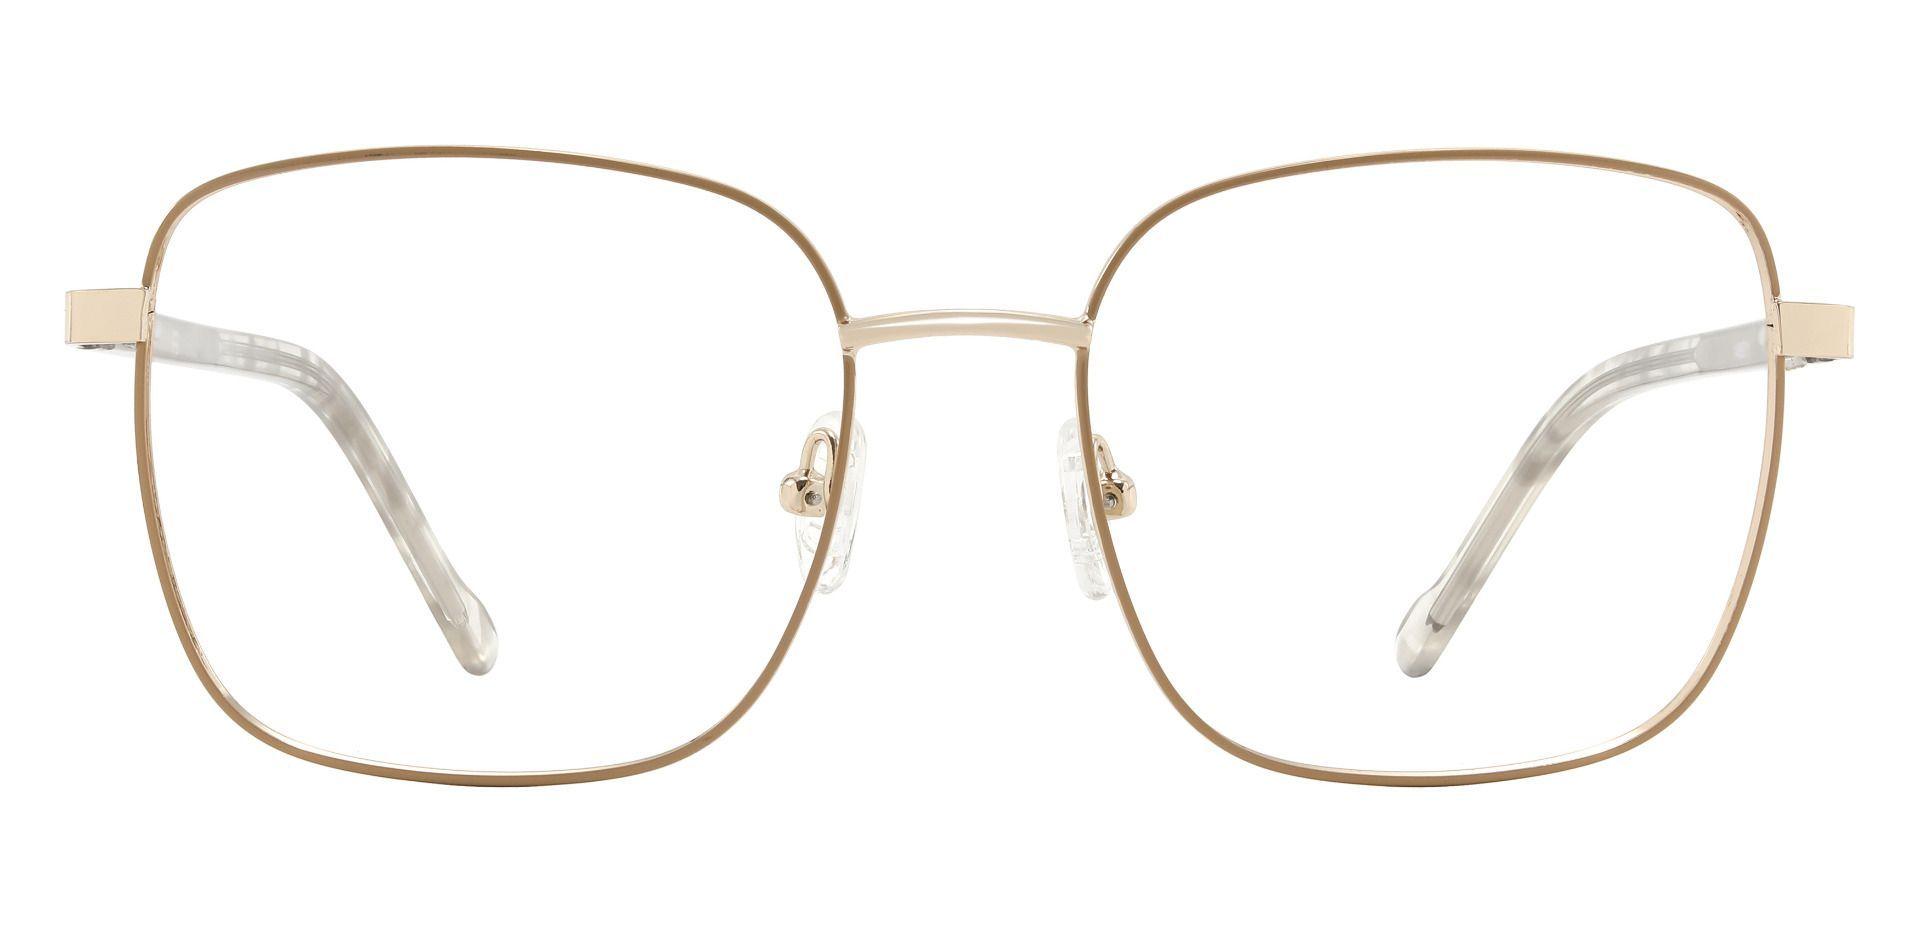 Sunrise Square Prescription Glasses - Brown